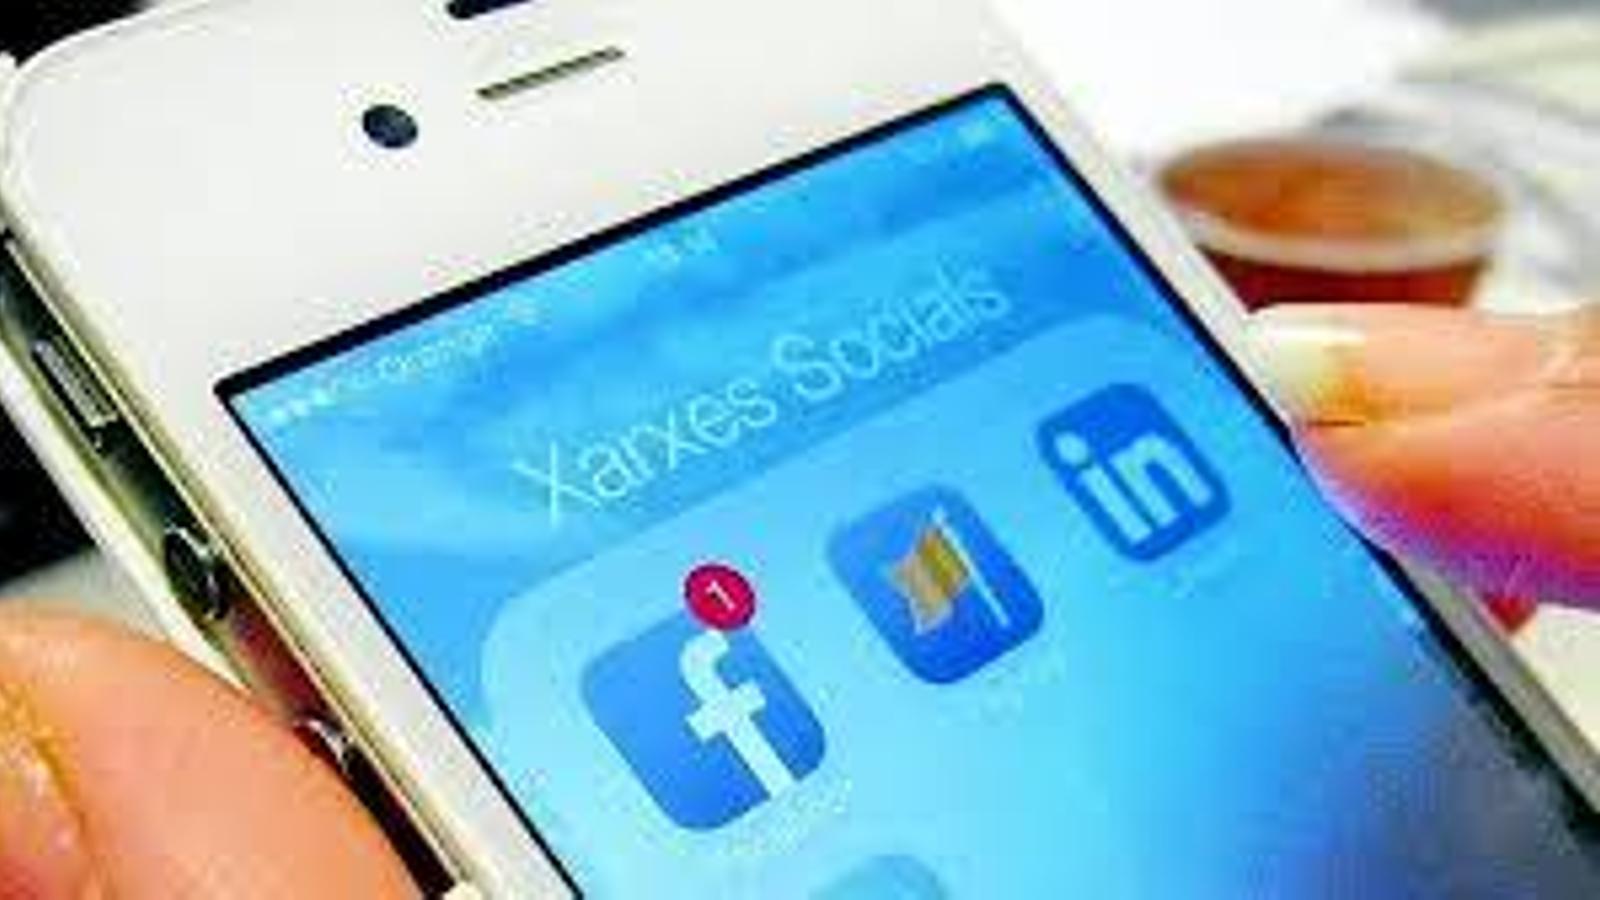 El Govern organitza tallers d'instagram per a garantir la seguretat dels usuaris